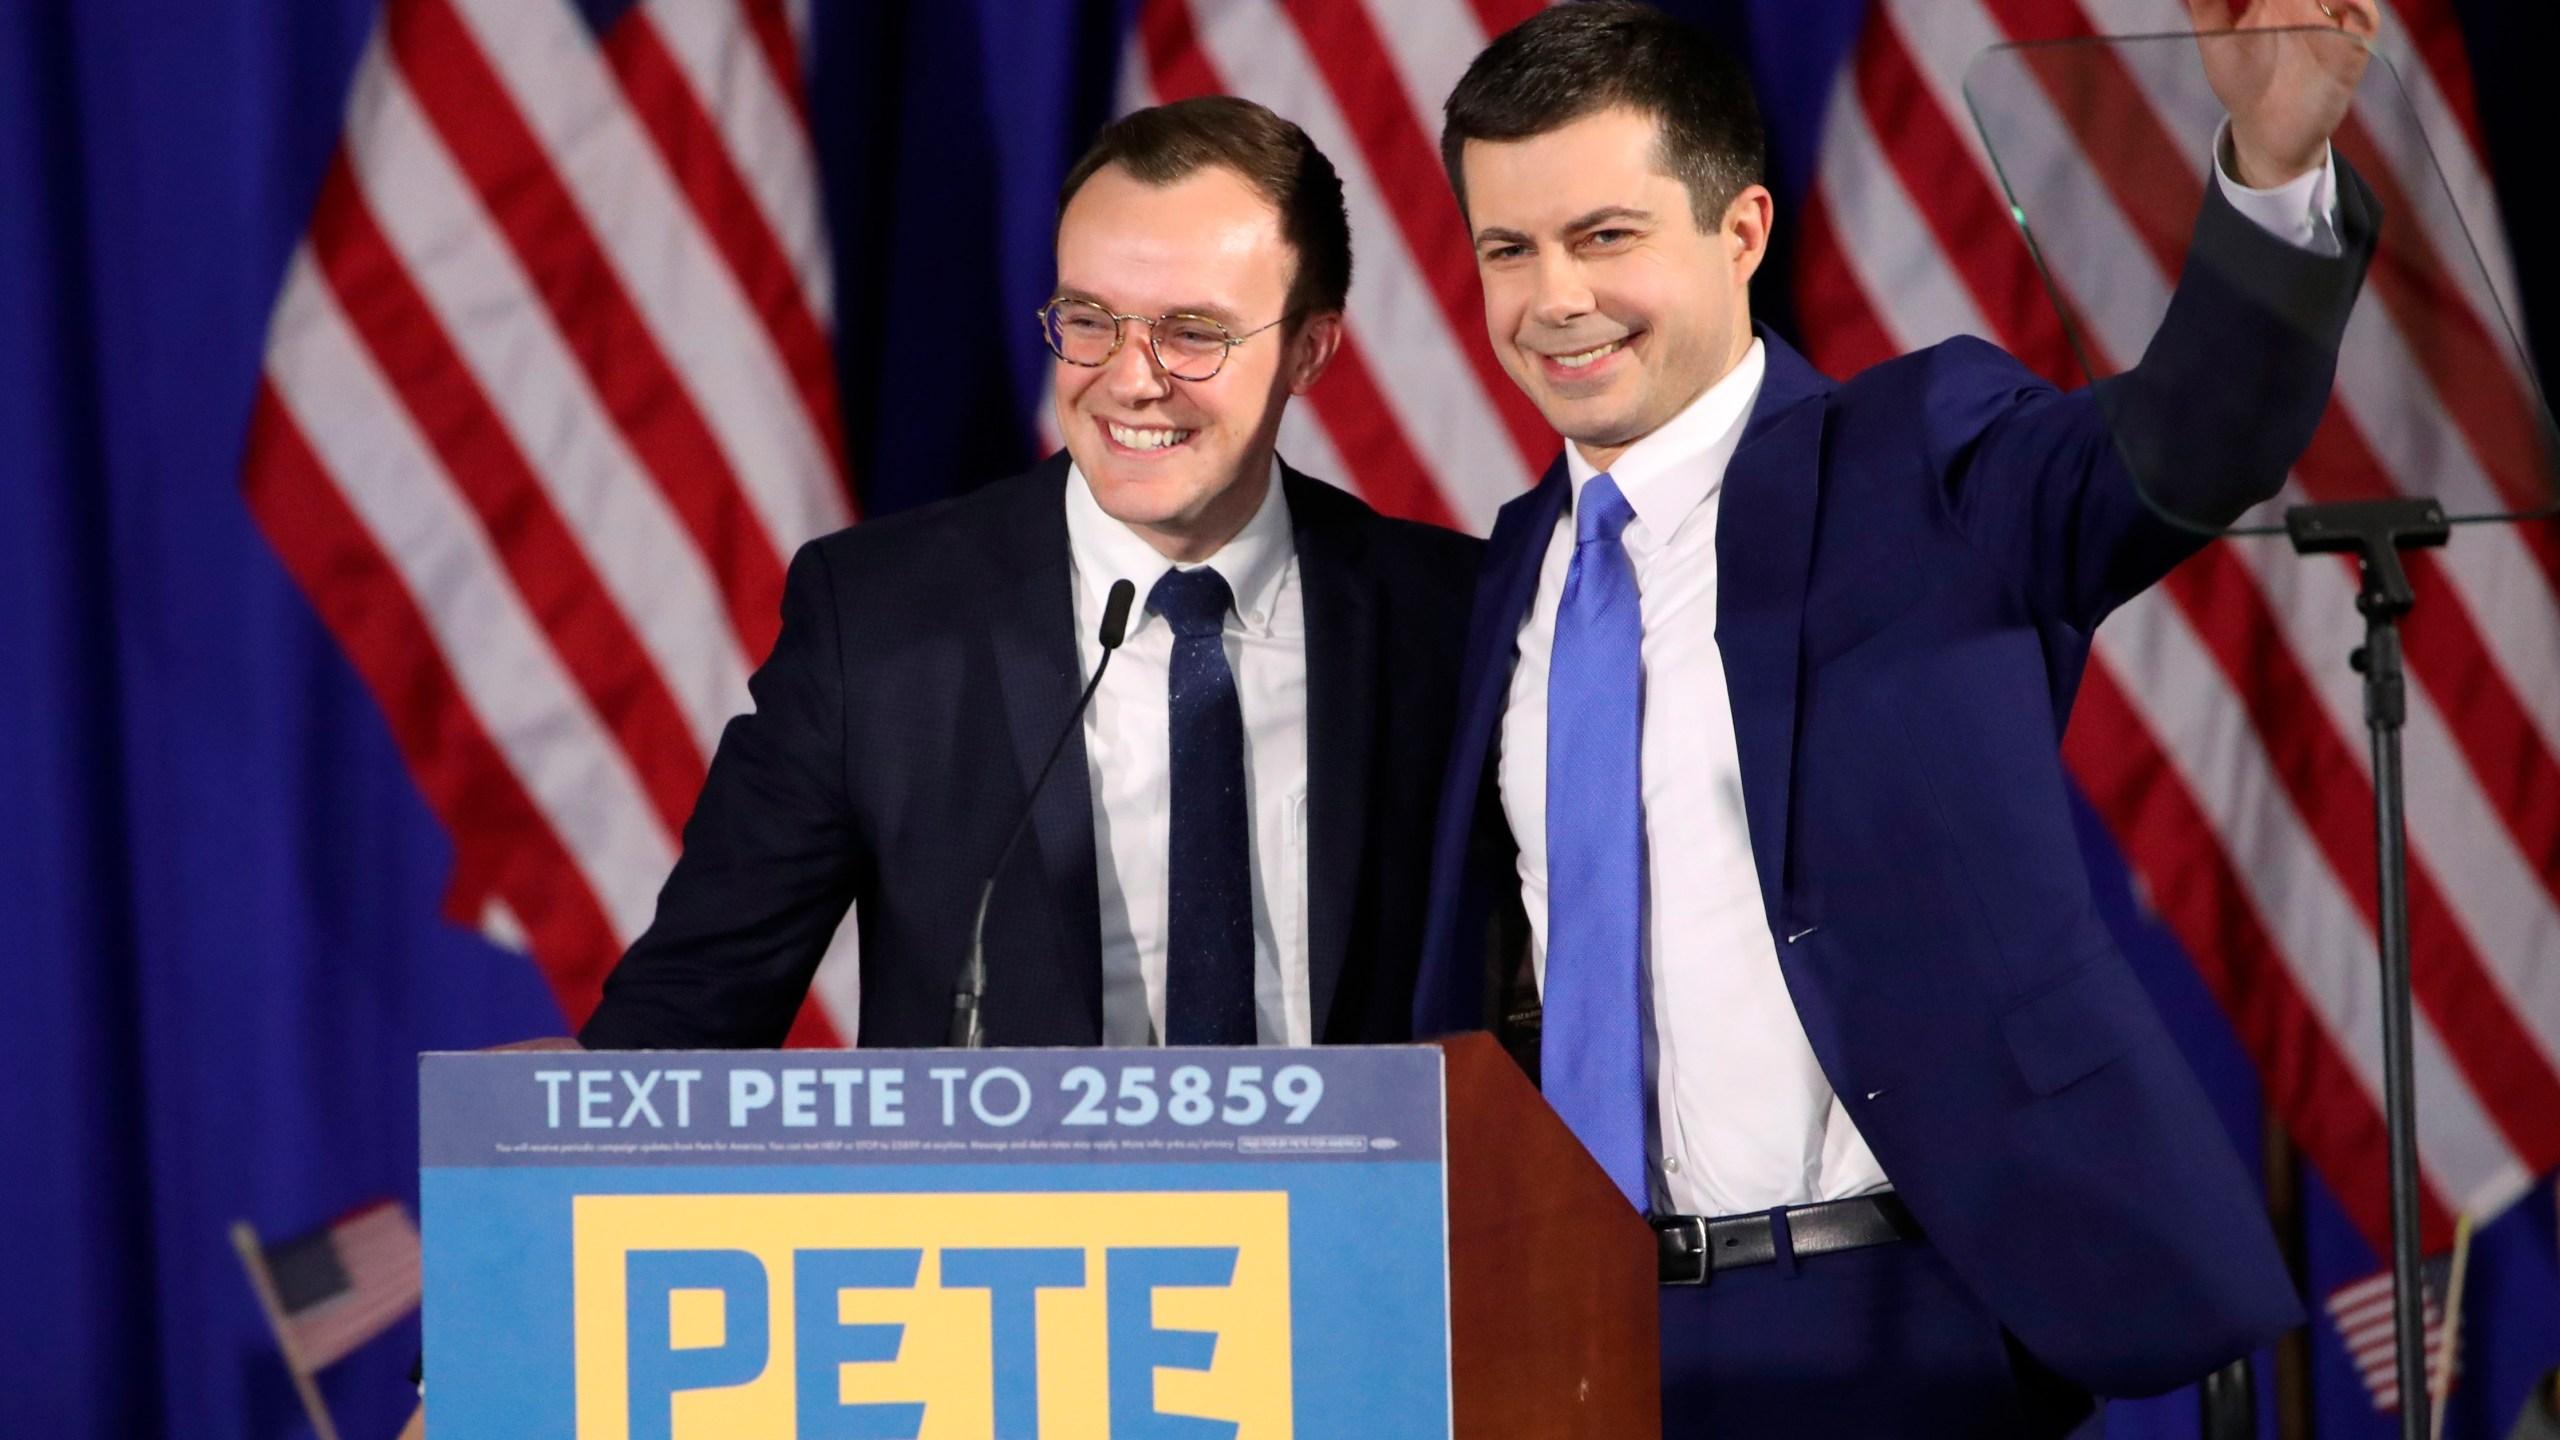 Pete Buttigieg, Chasten Buttigieg